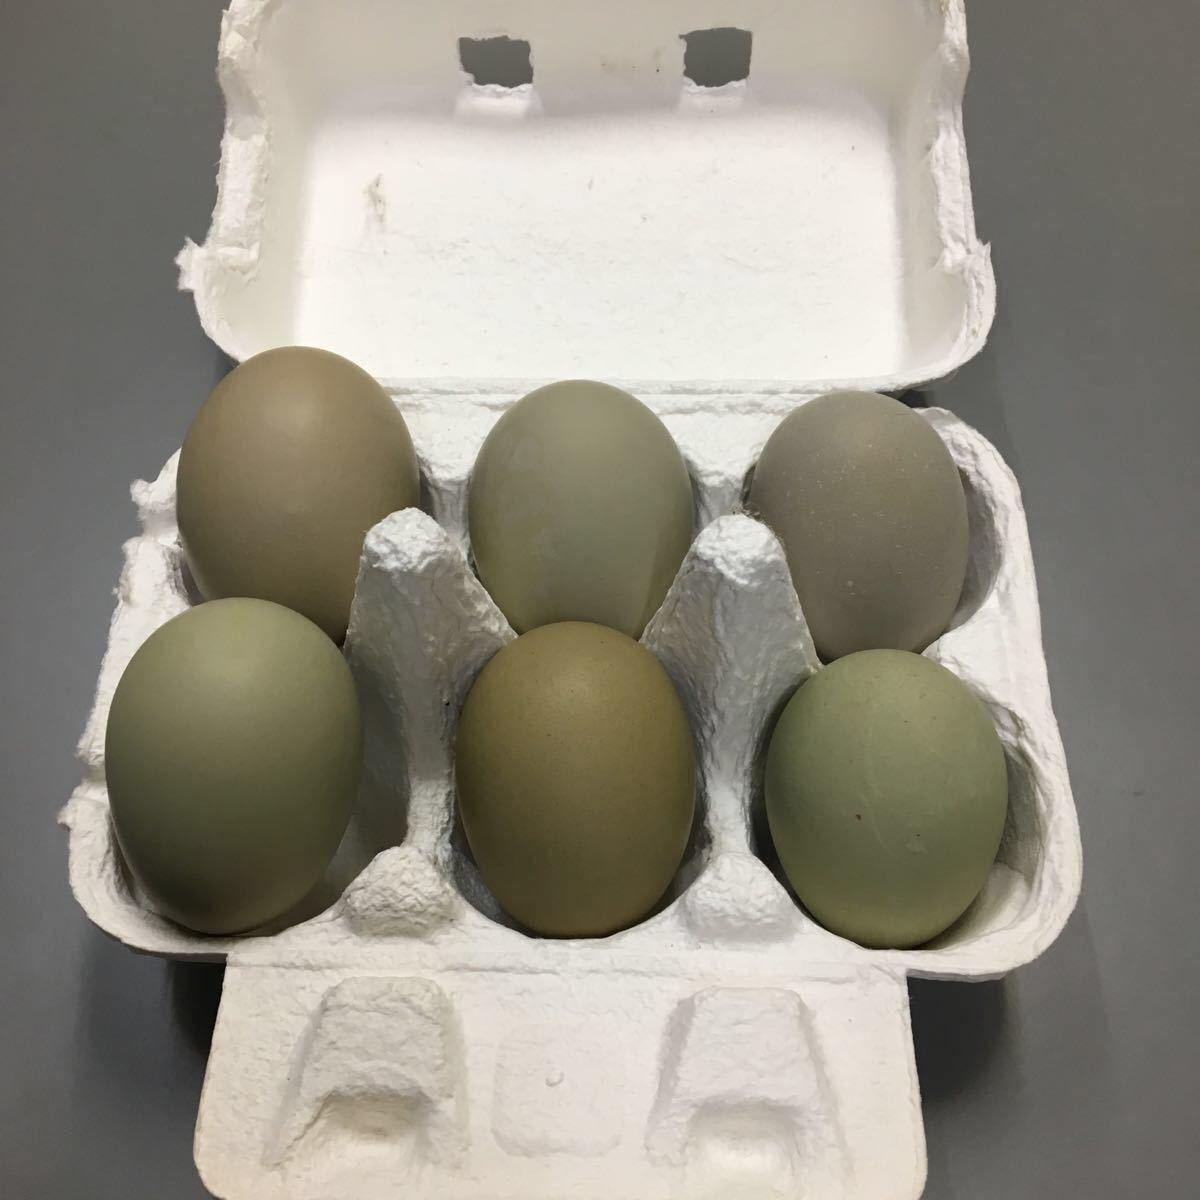 翡翠鳥 烏骨鶏 アローカナ卵 5個プラス1個_画像2